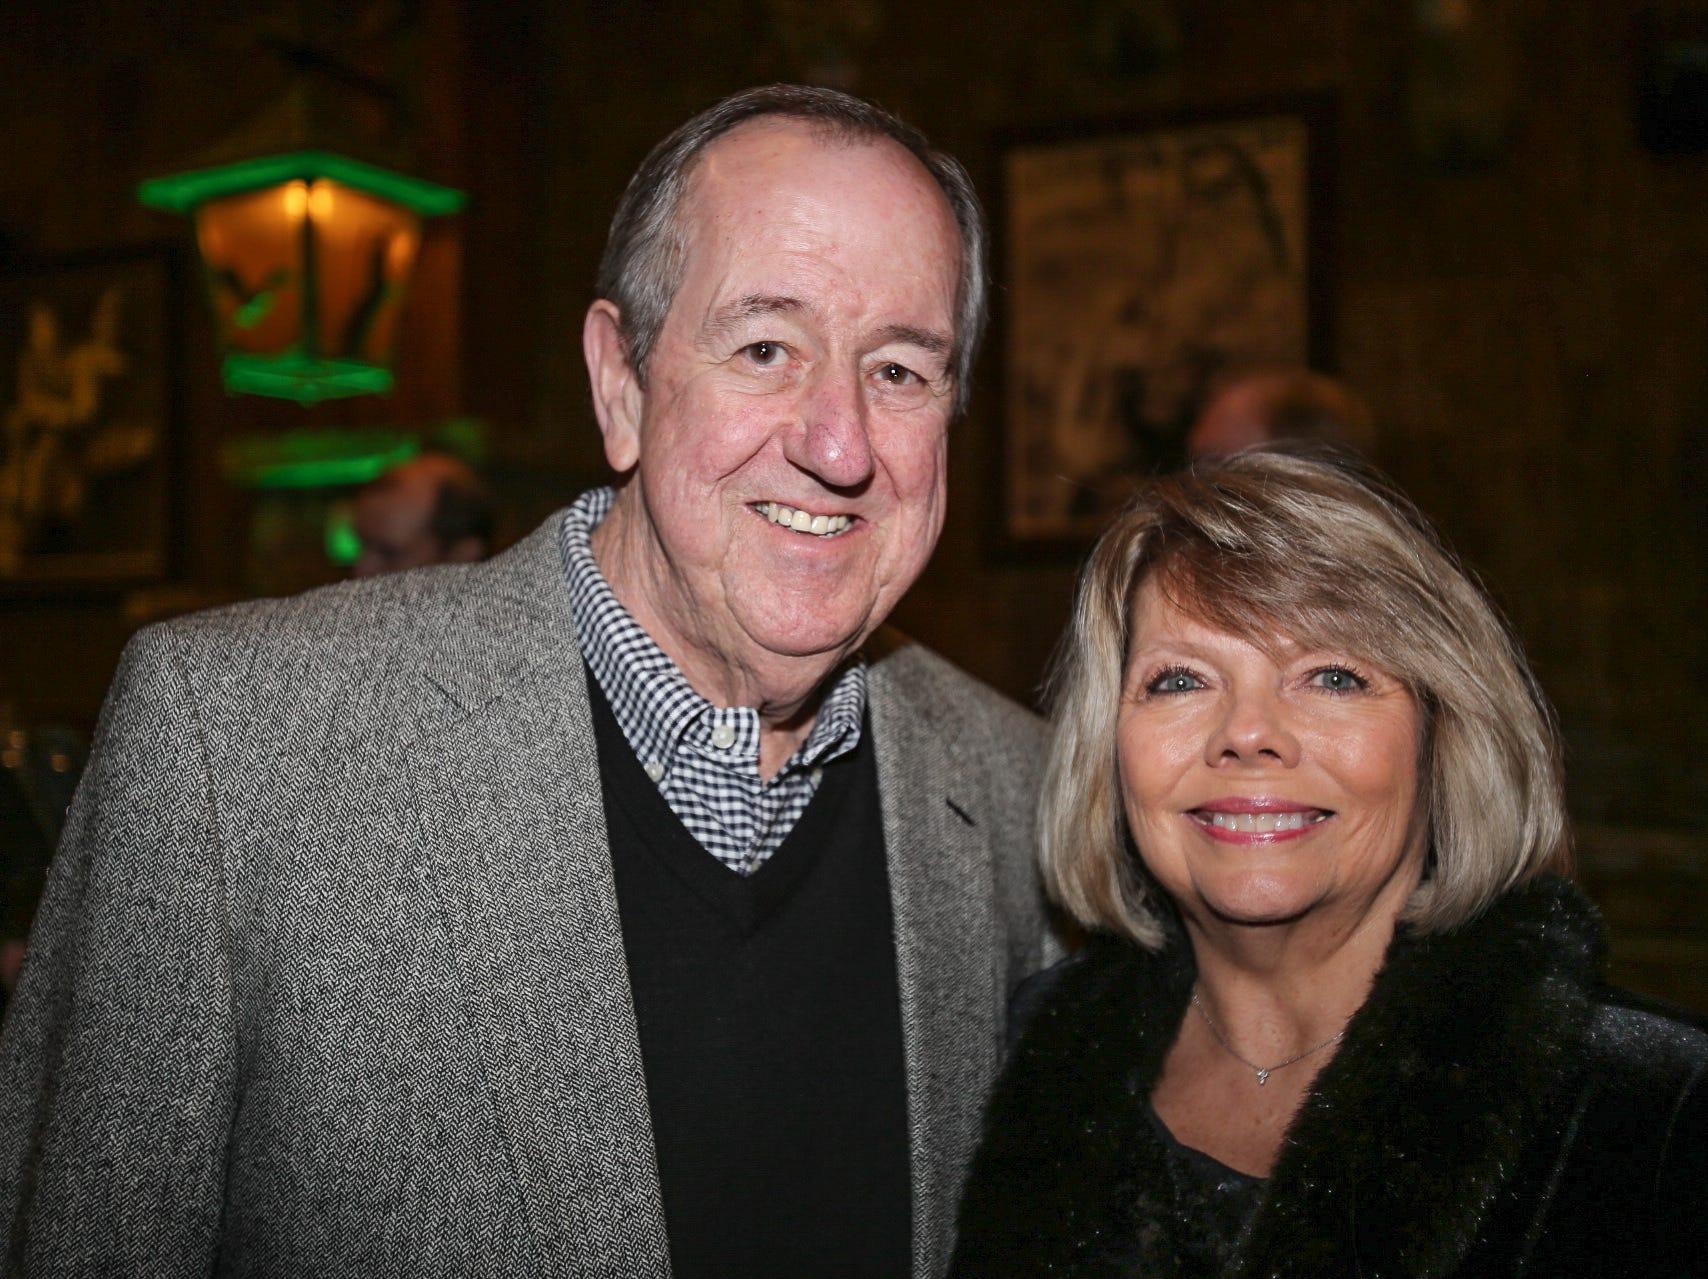 Delvan and Karen Mitchell